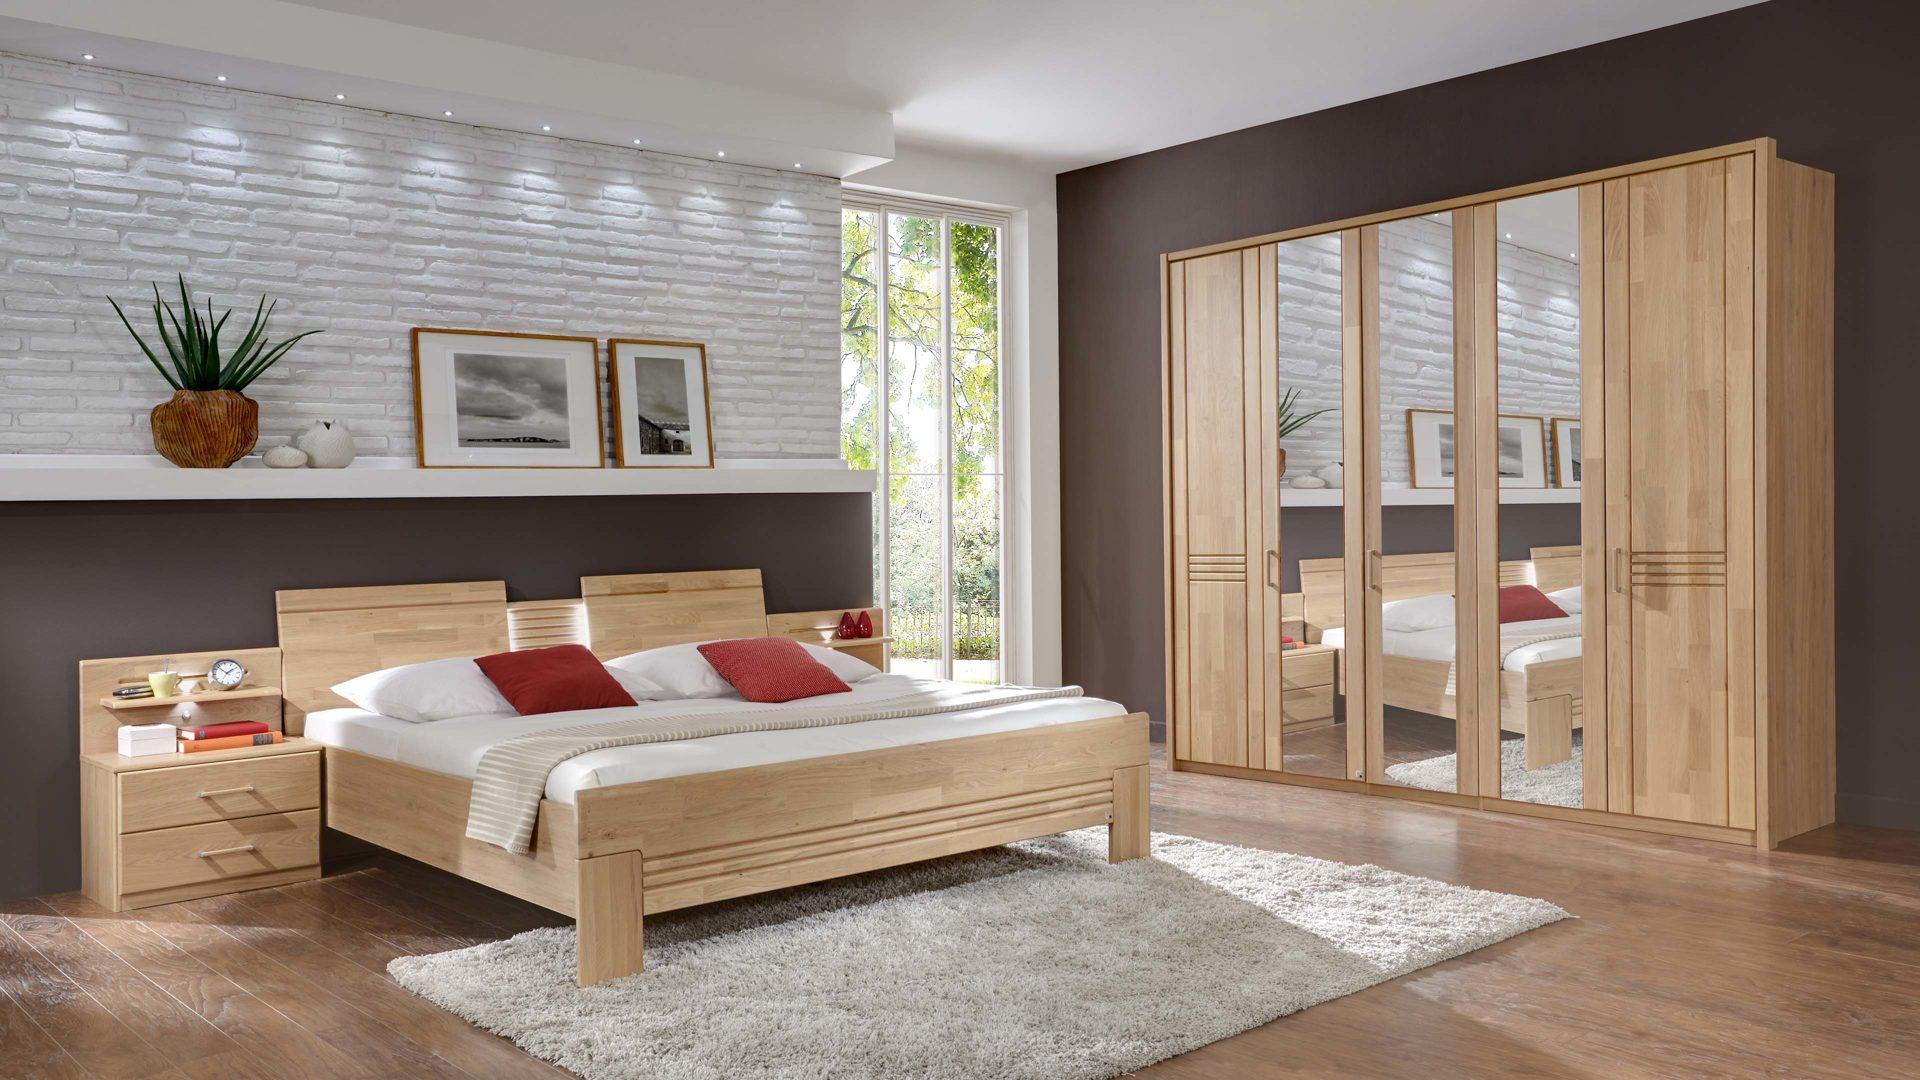 Wohnzimmer Gestalten Braun Wandgestaltung Beige